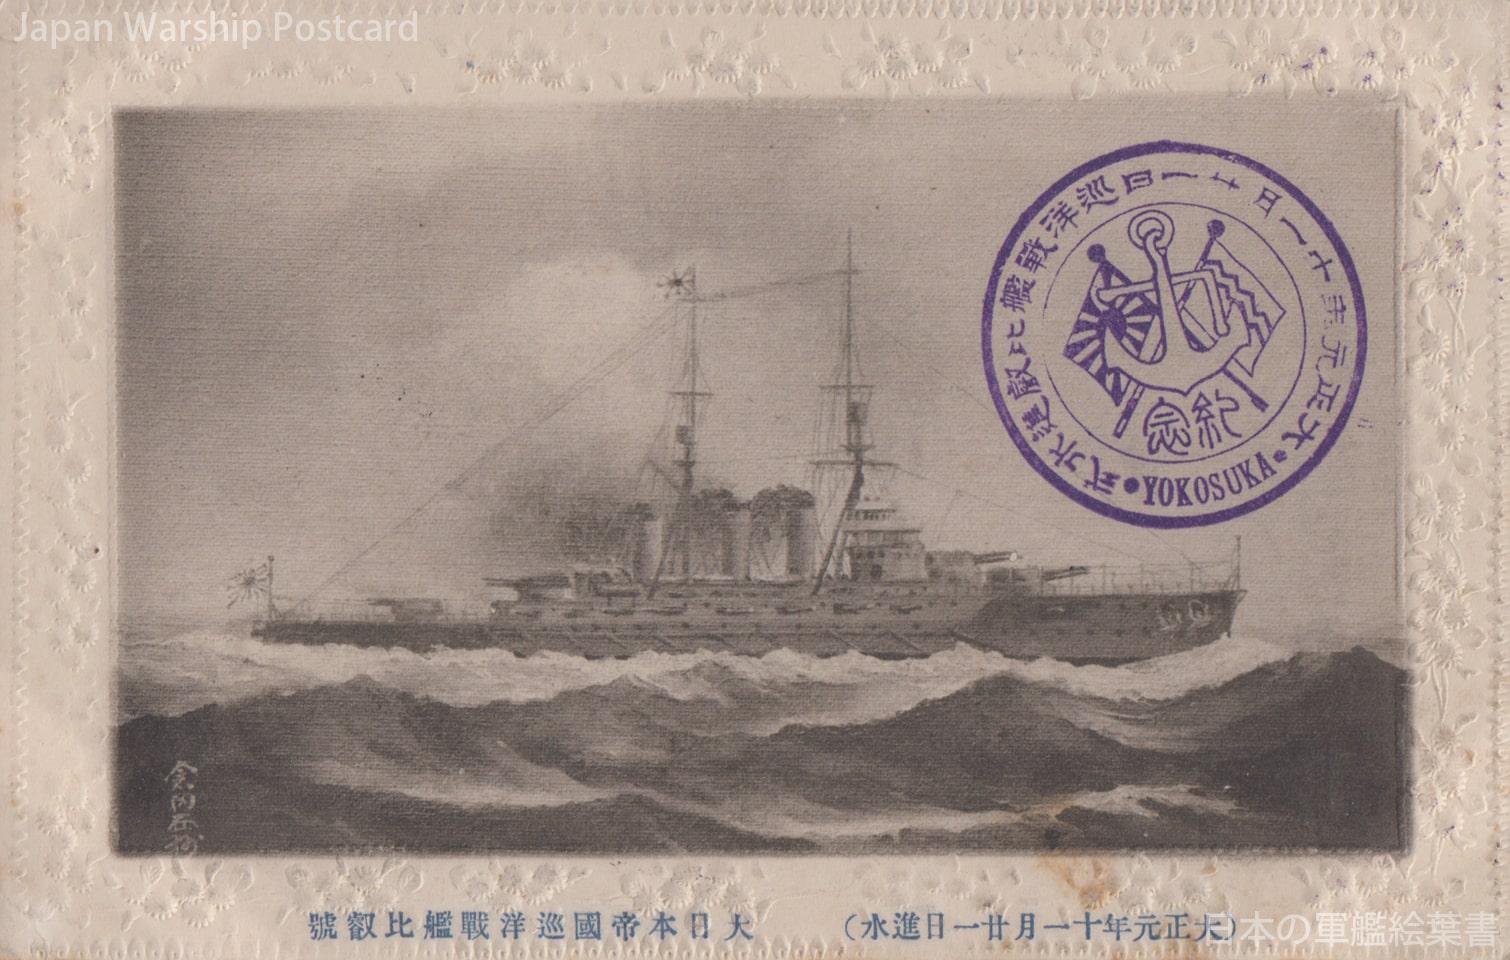 大日本帝国巡洋戦艦比叡号